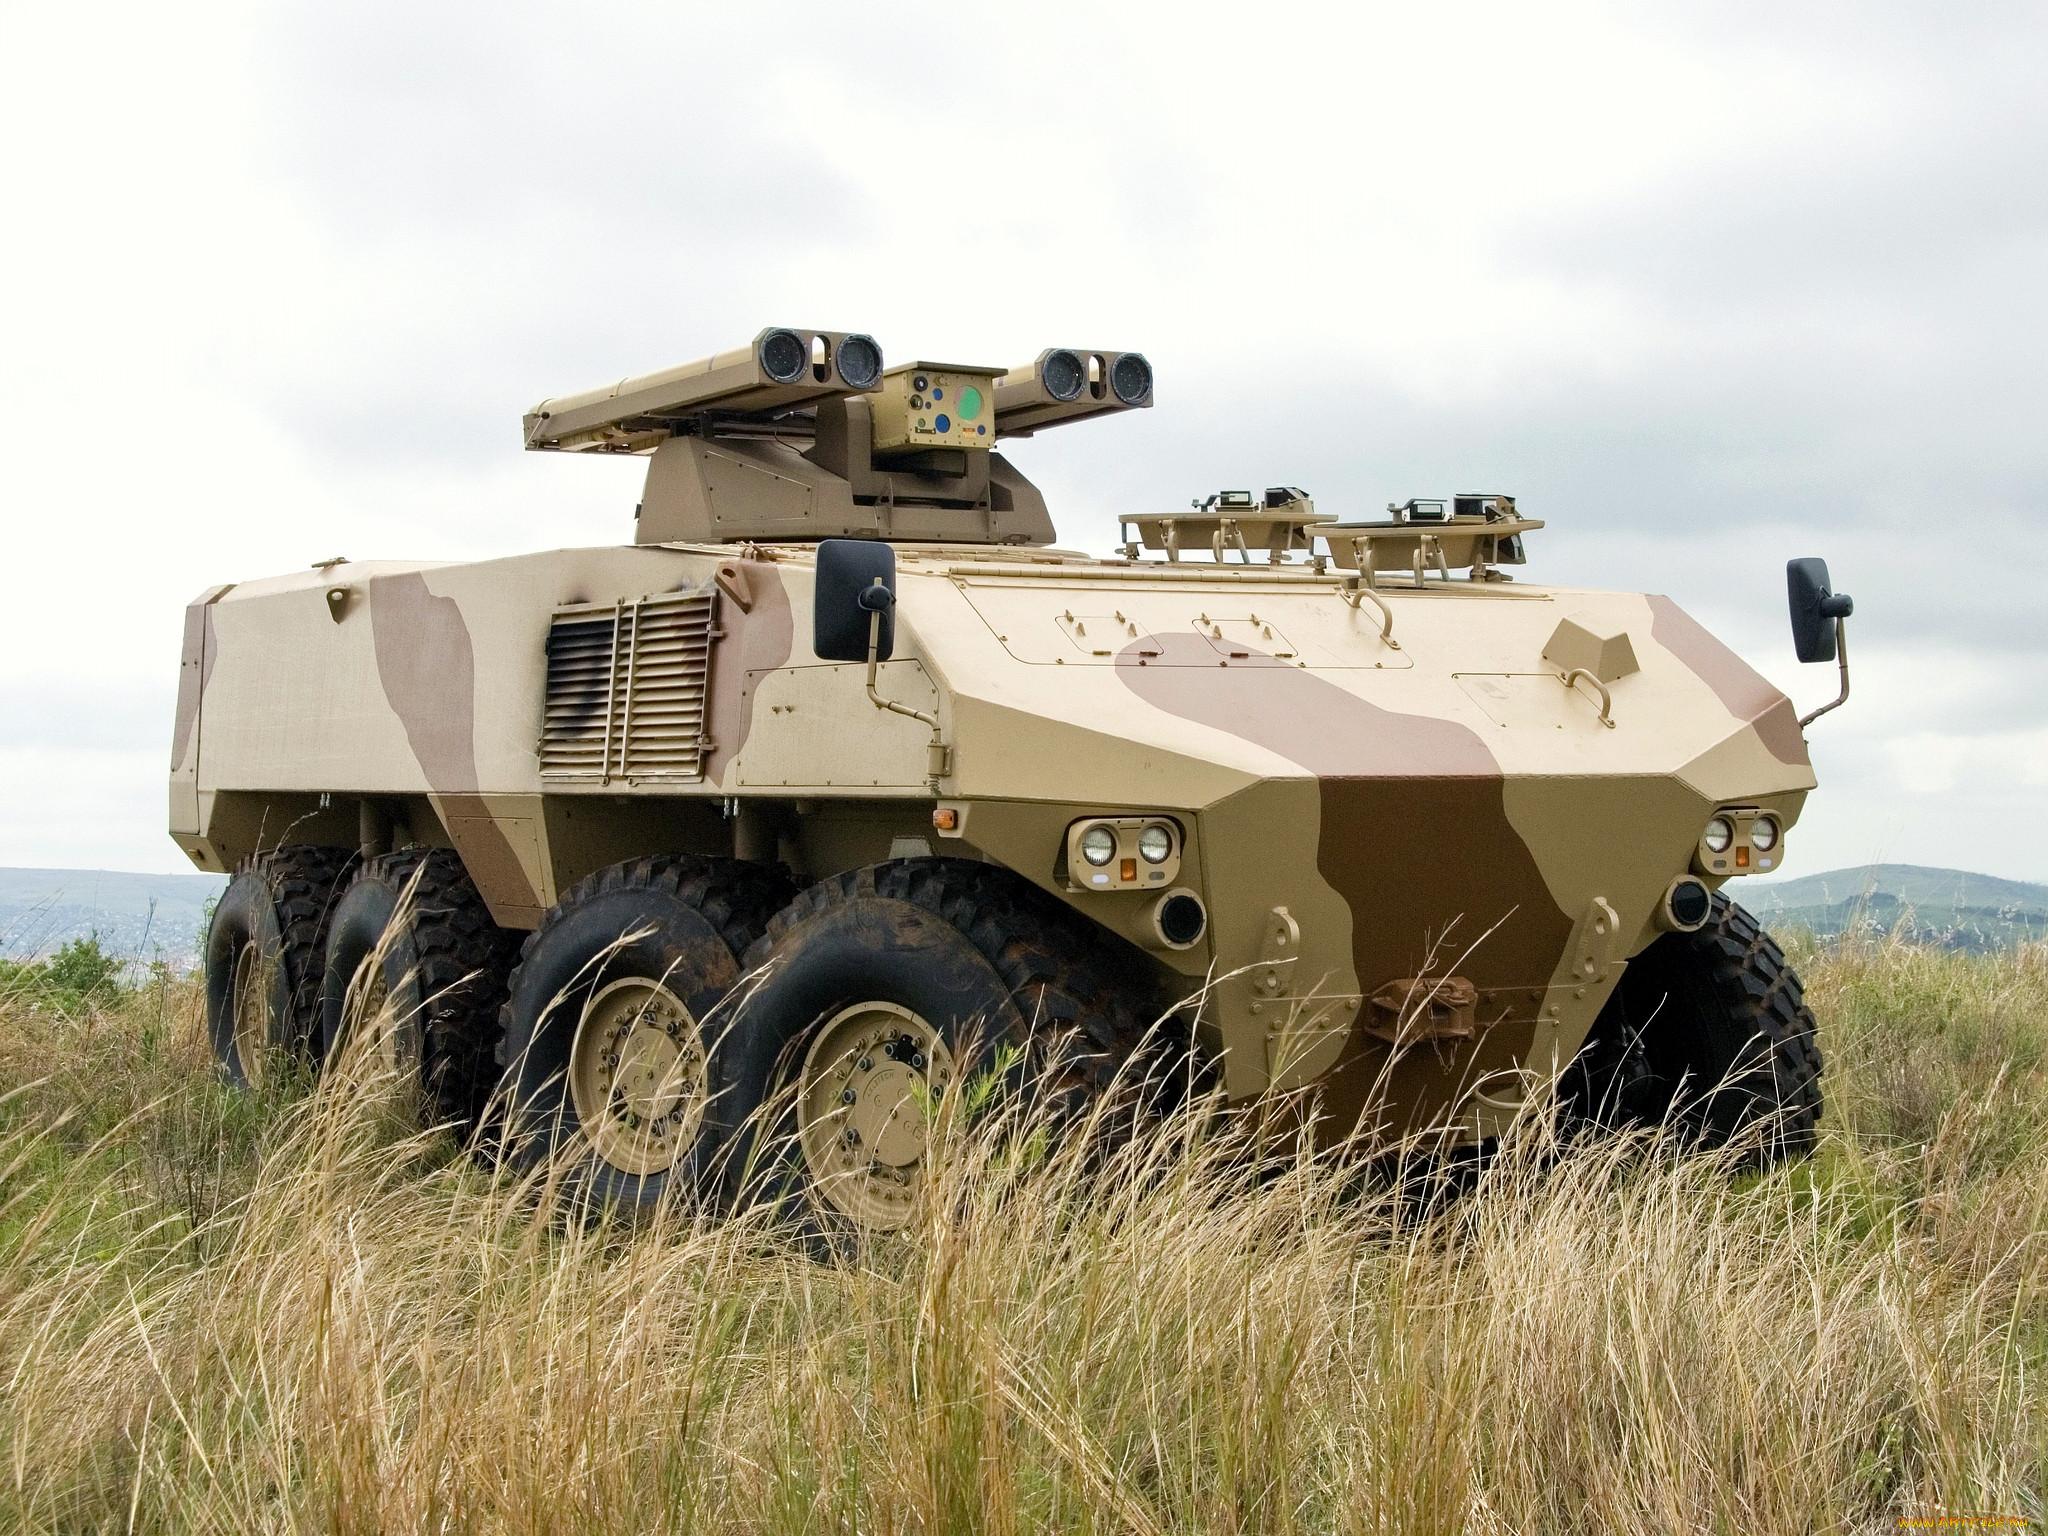 фото военной техники будущего этого наши фотографы